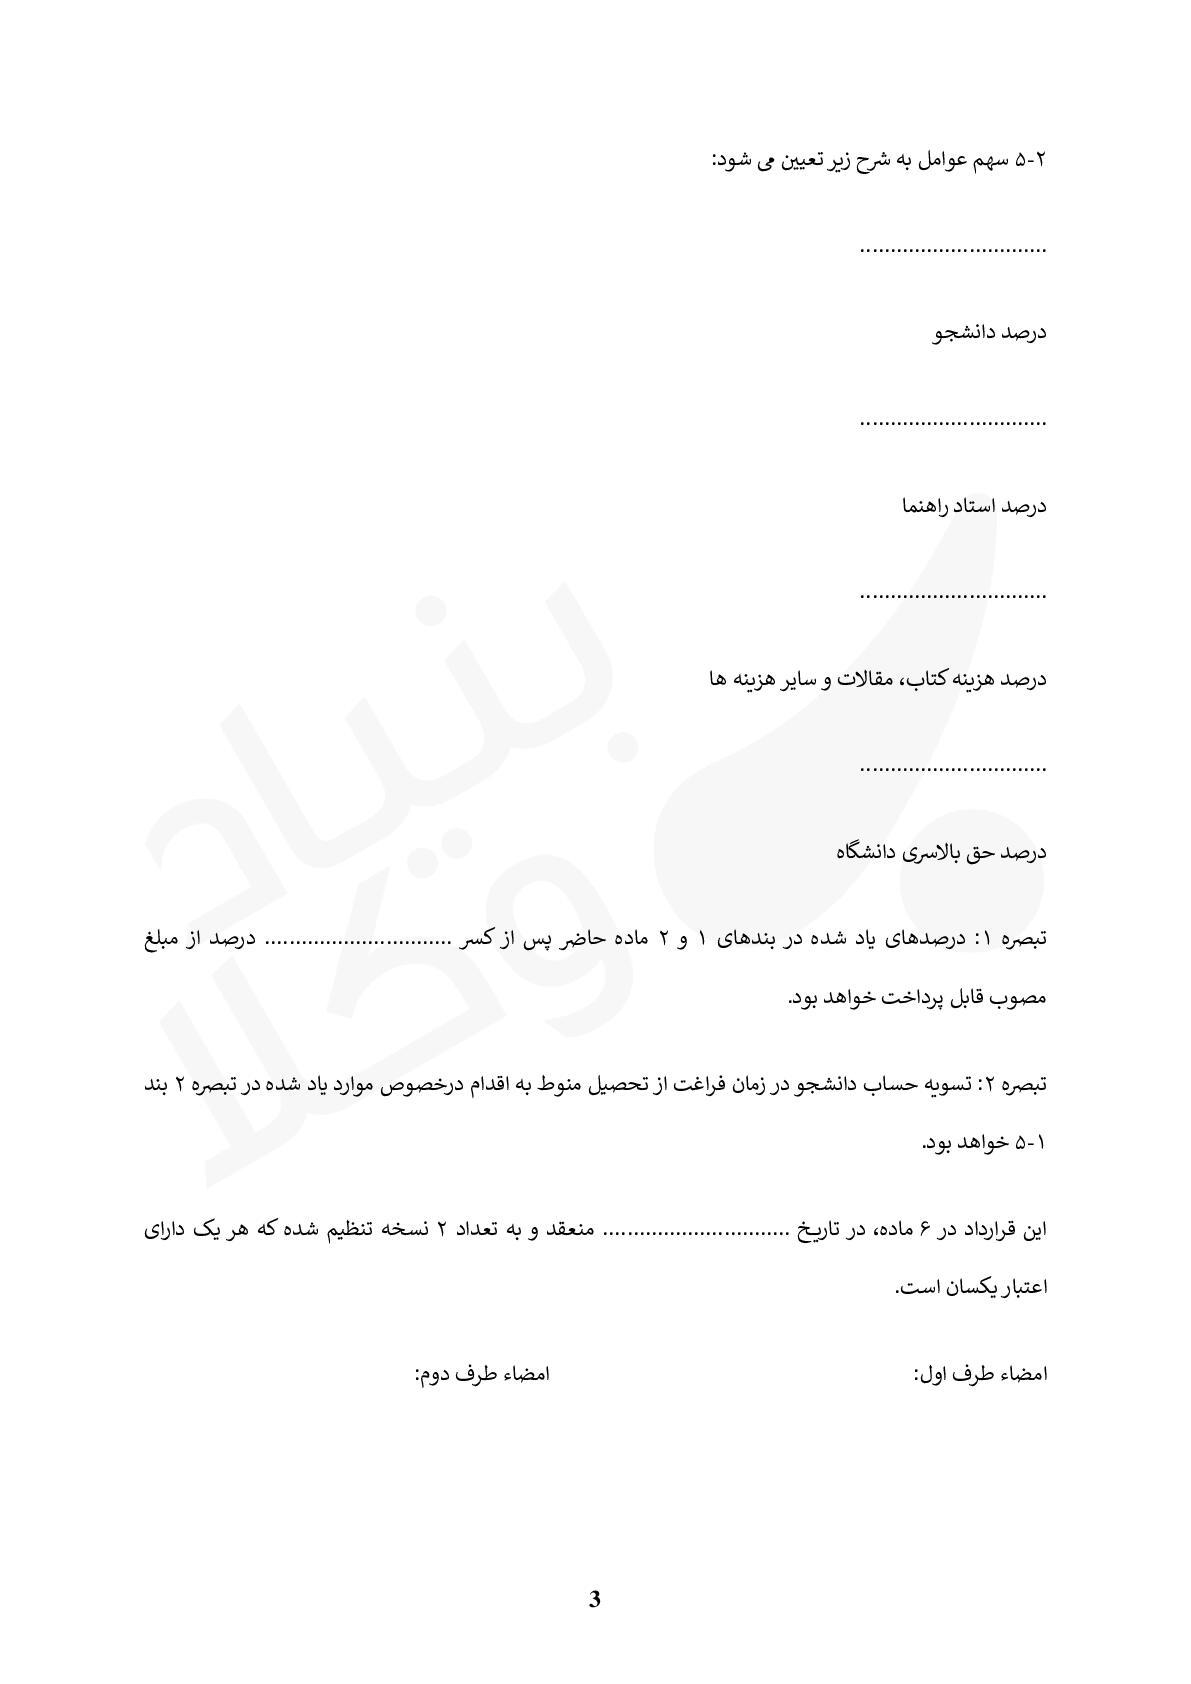 قرارداد اجرای پایان نامه دانشجویی